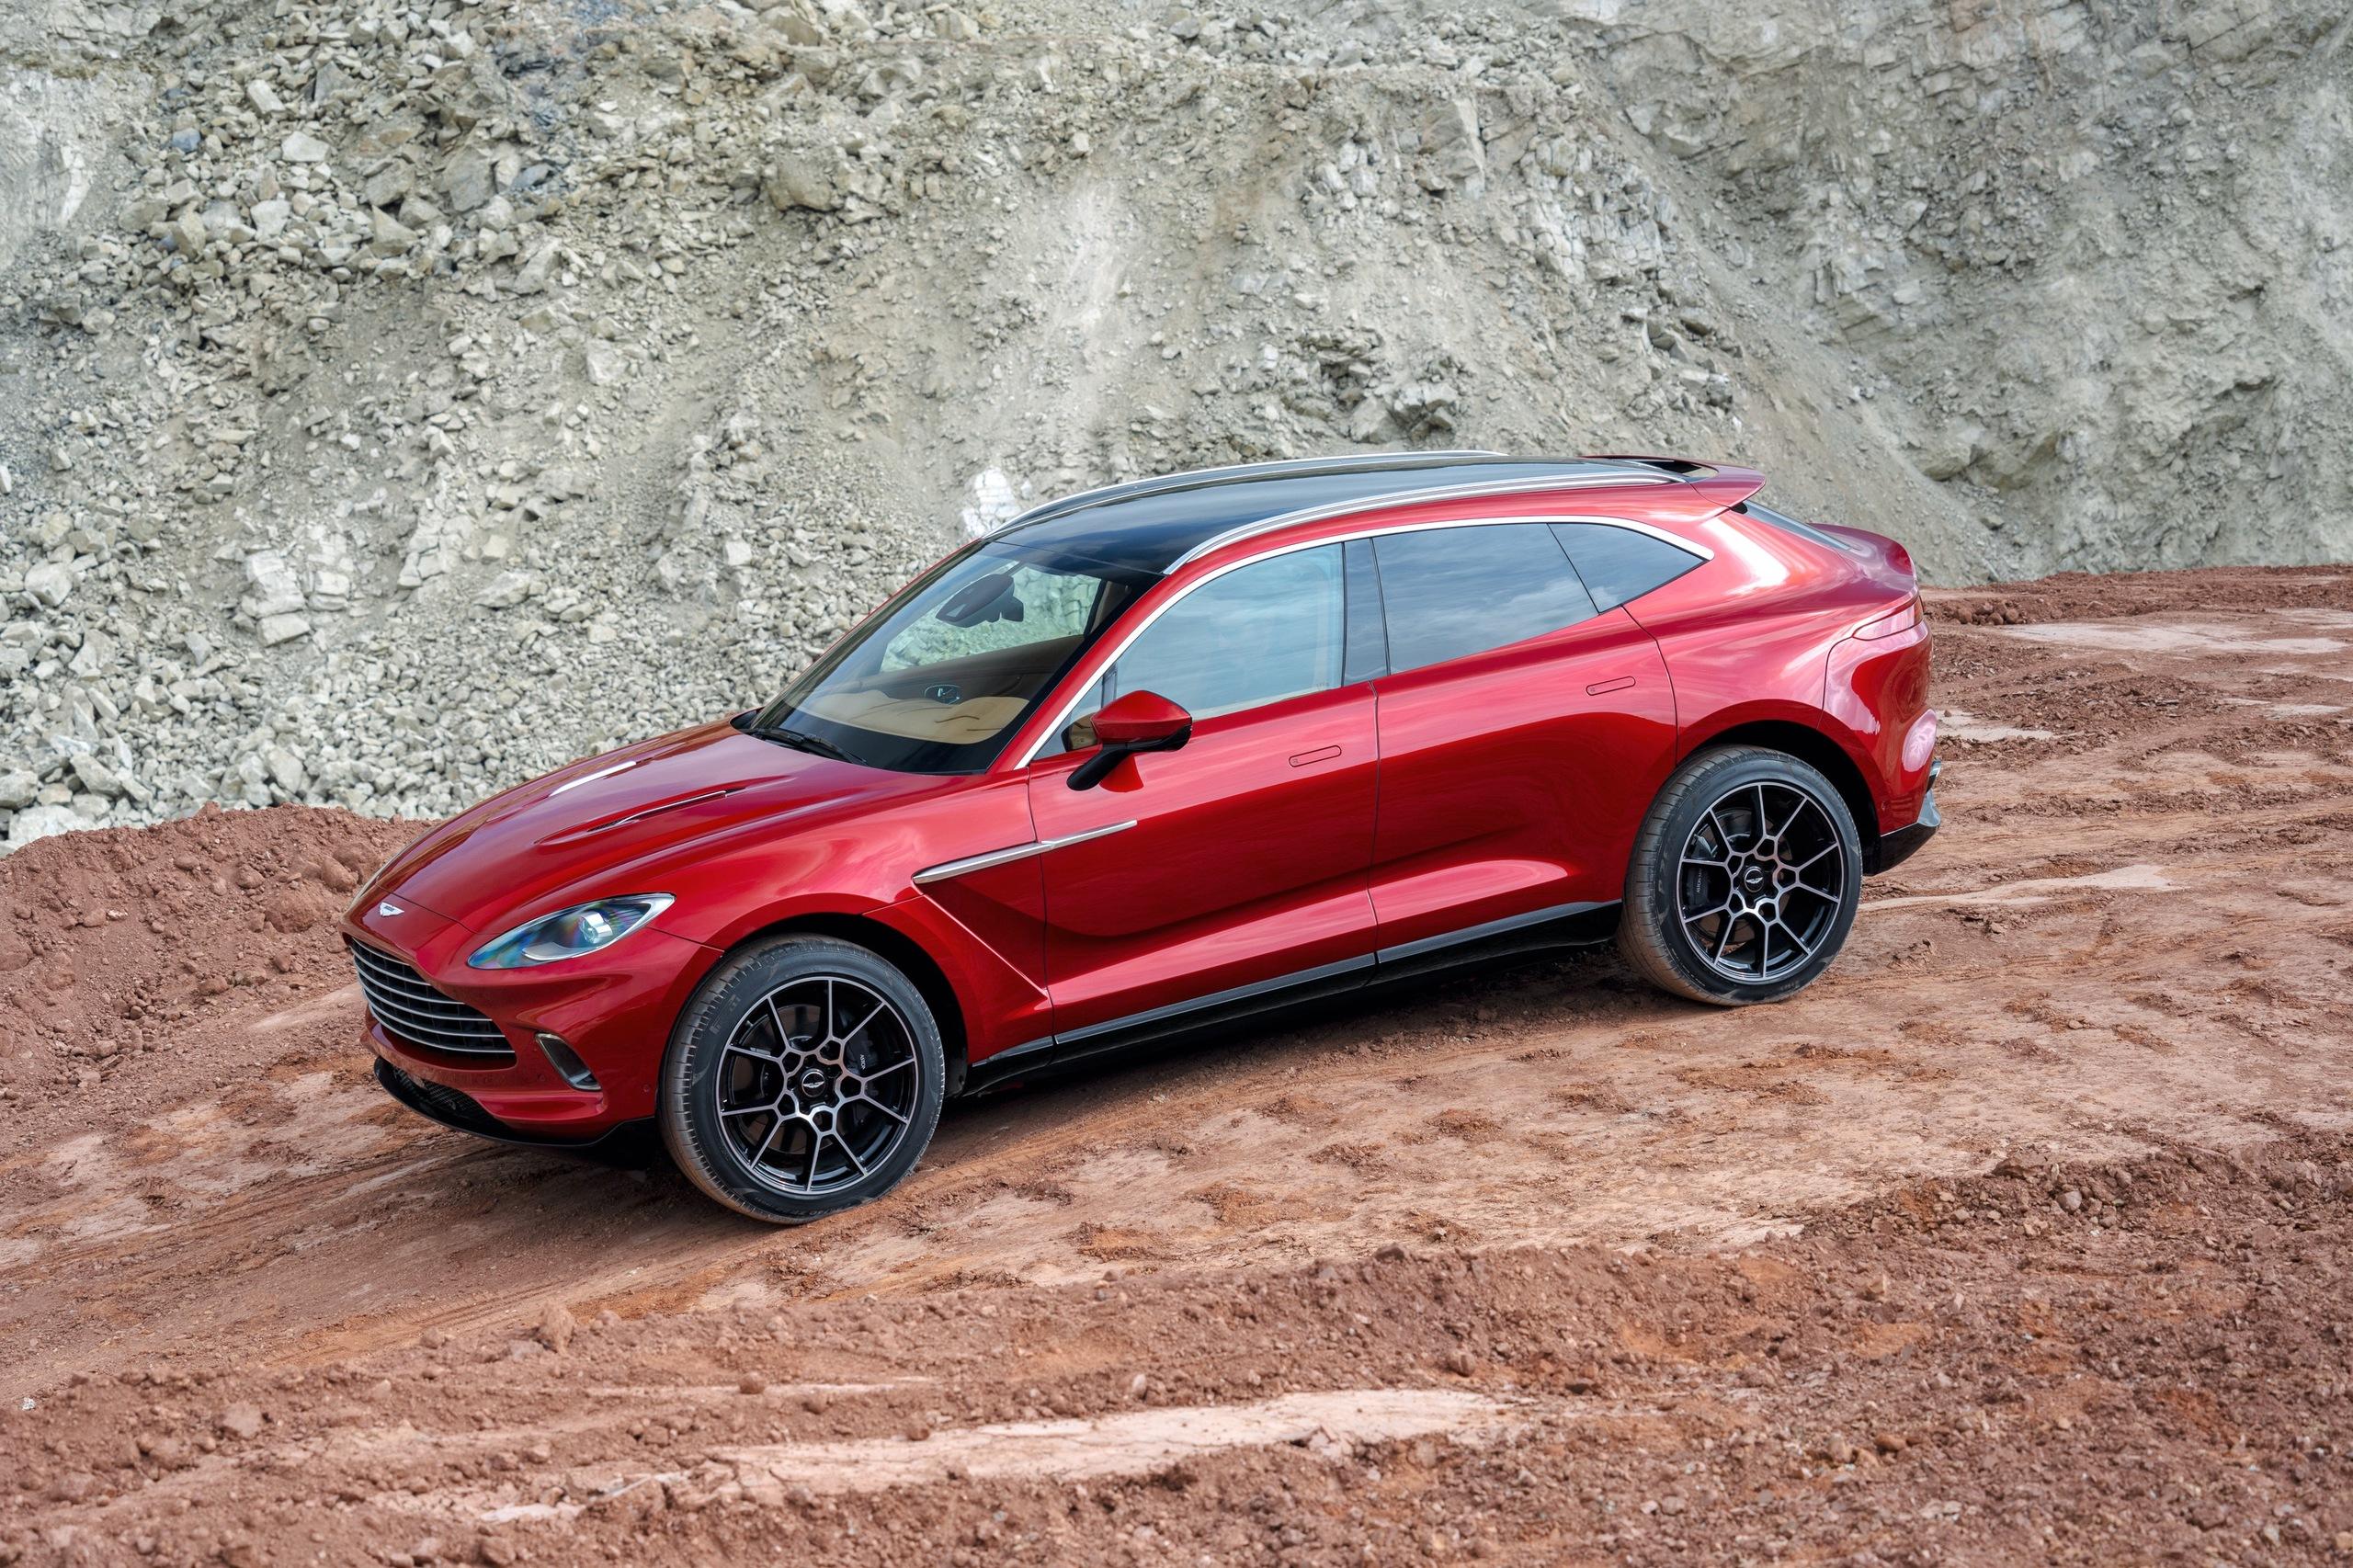 «Вслед за трендами»: все о кроссовере Aston Martin DBX 3